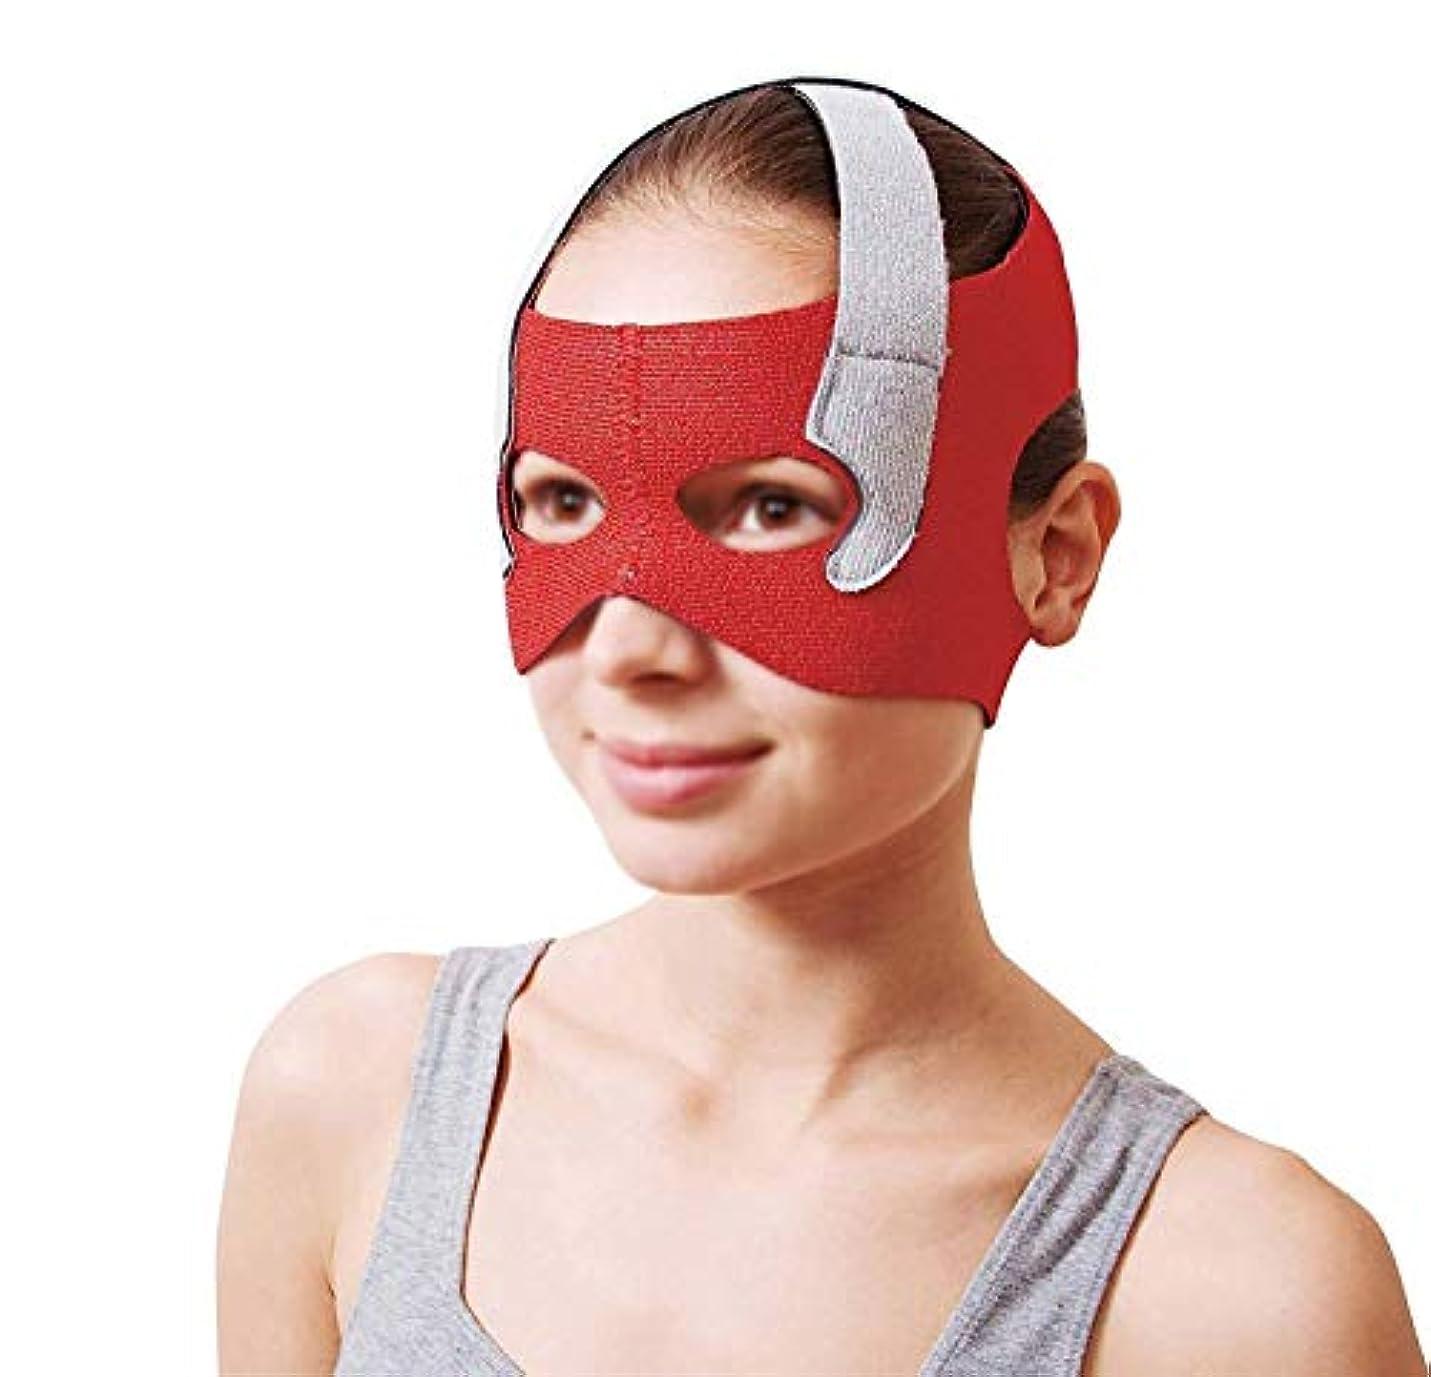 ピアニスト取り出す以来フェイスリフトマスク、回復ポスト包帯ヘッドギアフェイスマスク顔薄いフェイスマスクアーティファクト美容ベルト顔と首リフト顔周囲57-68 cm